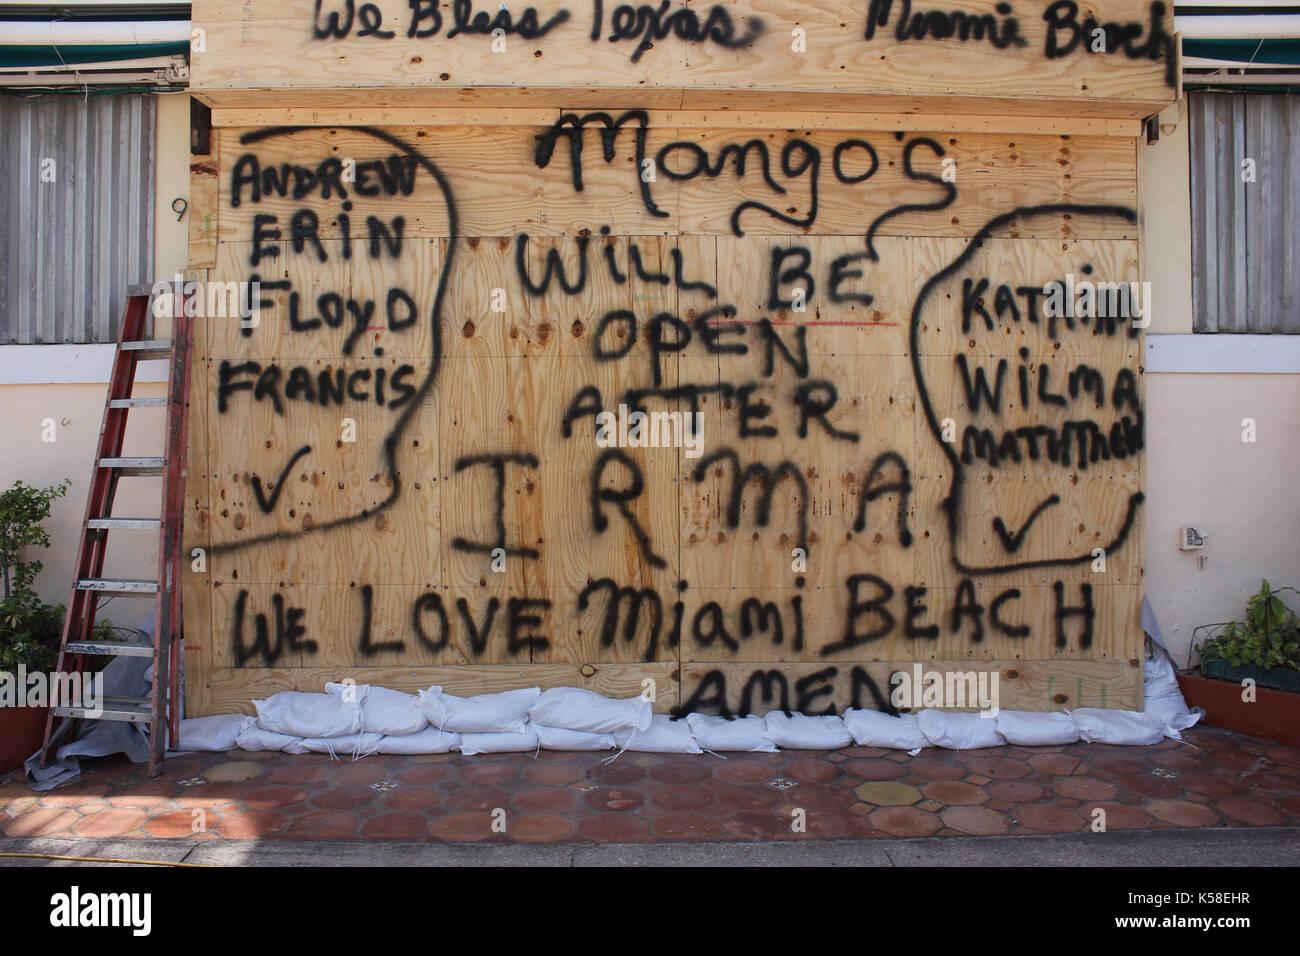 Miami Beach, deserte, pre uragano irma, 8 settembre 2017 Immagini Stock